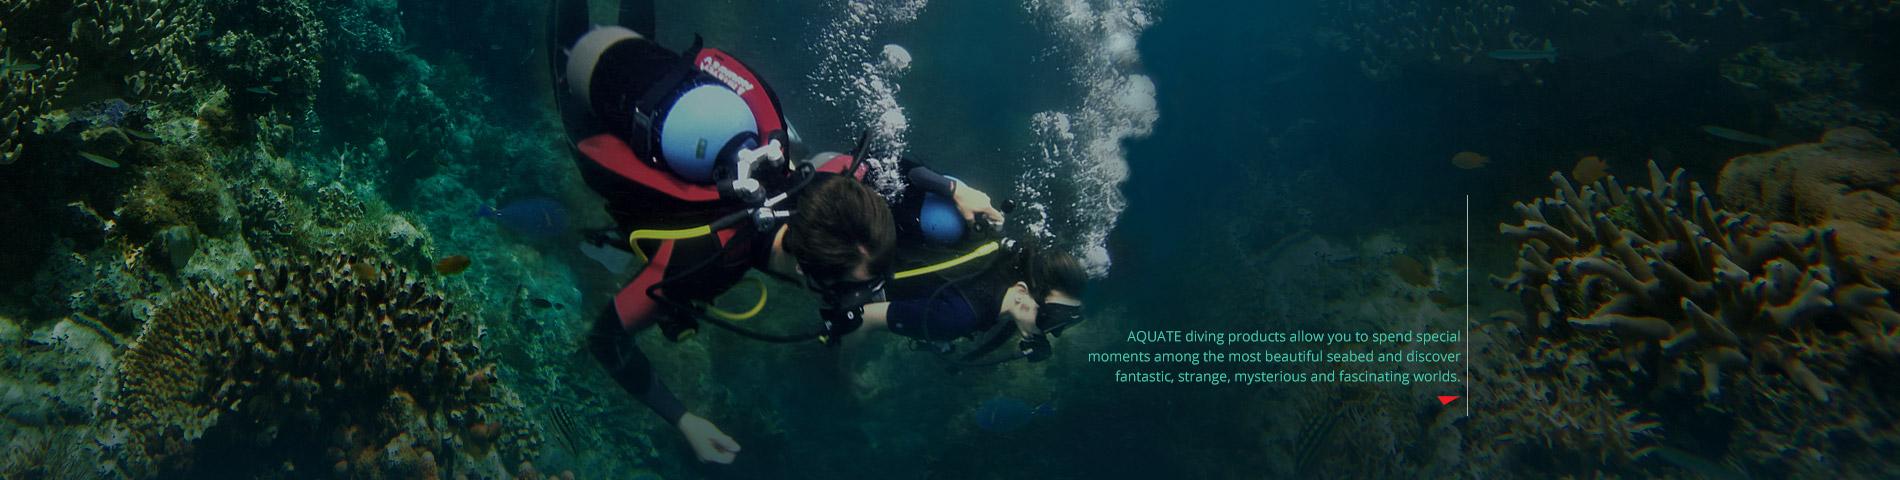 アクアテック あなたを泳いで探検させてください 素晴らしく、神秘的で魅力的な水中世界